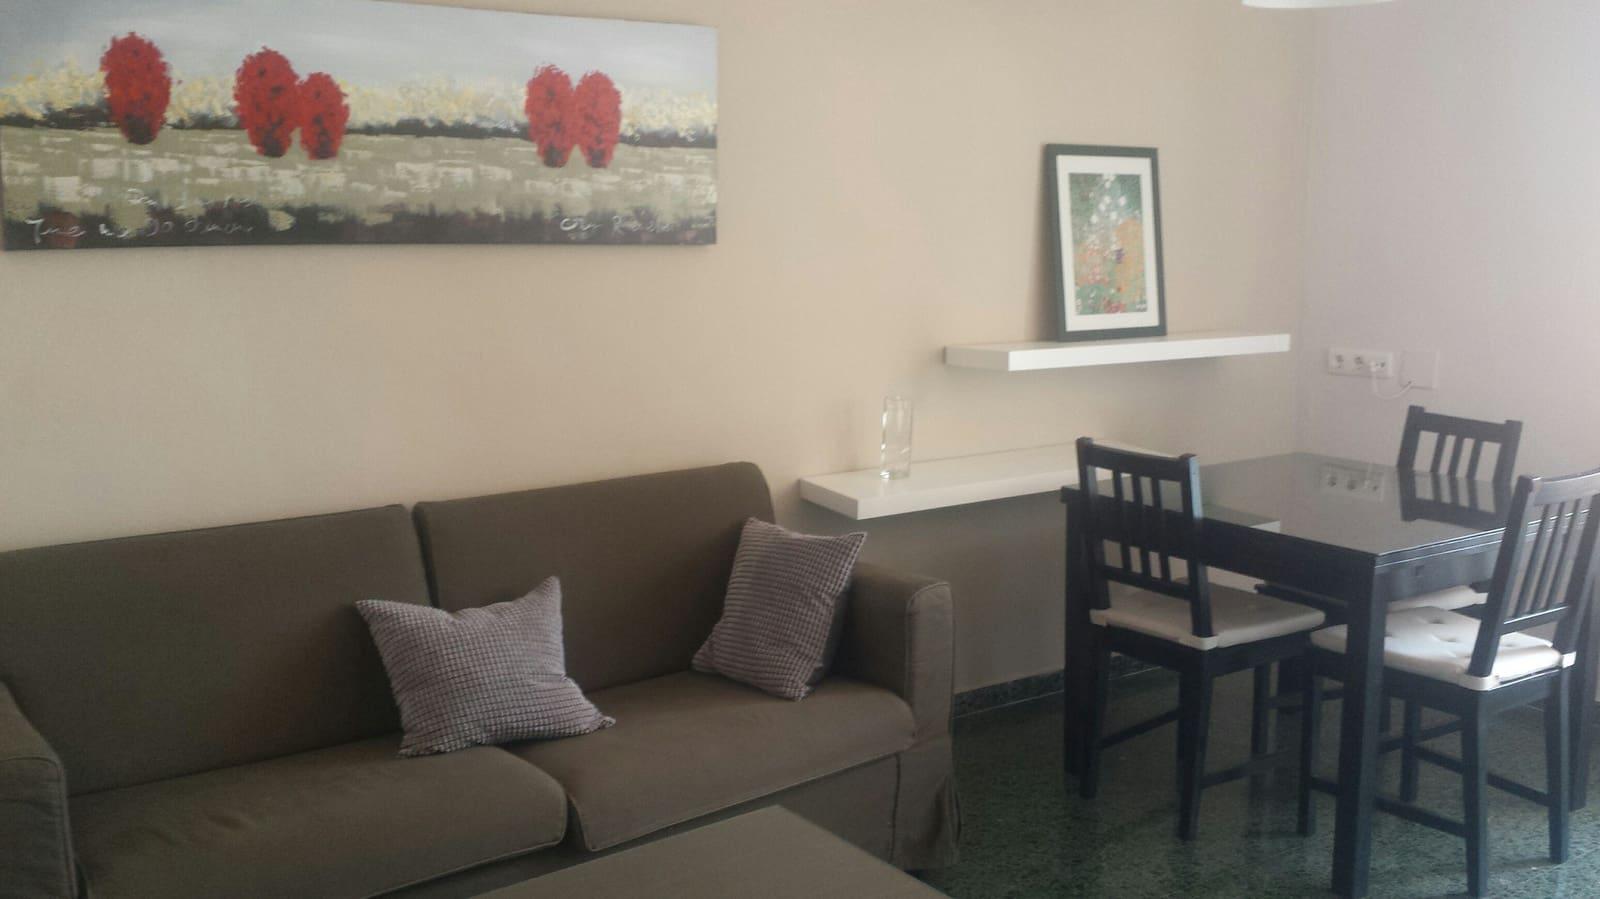 2 quarto Apartamento para arrendar em Ronda - 450 € (Ref: 6325986)